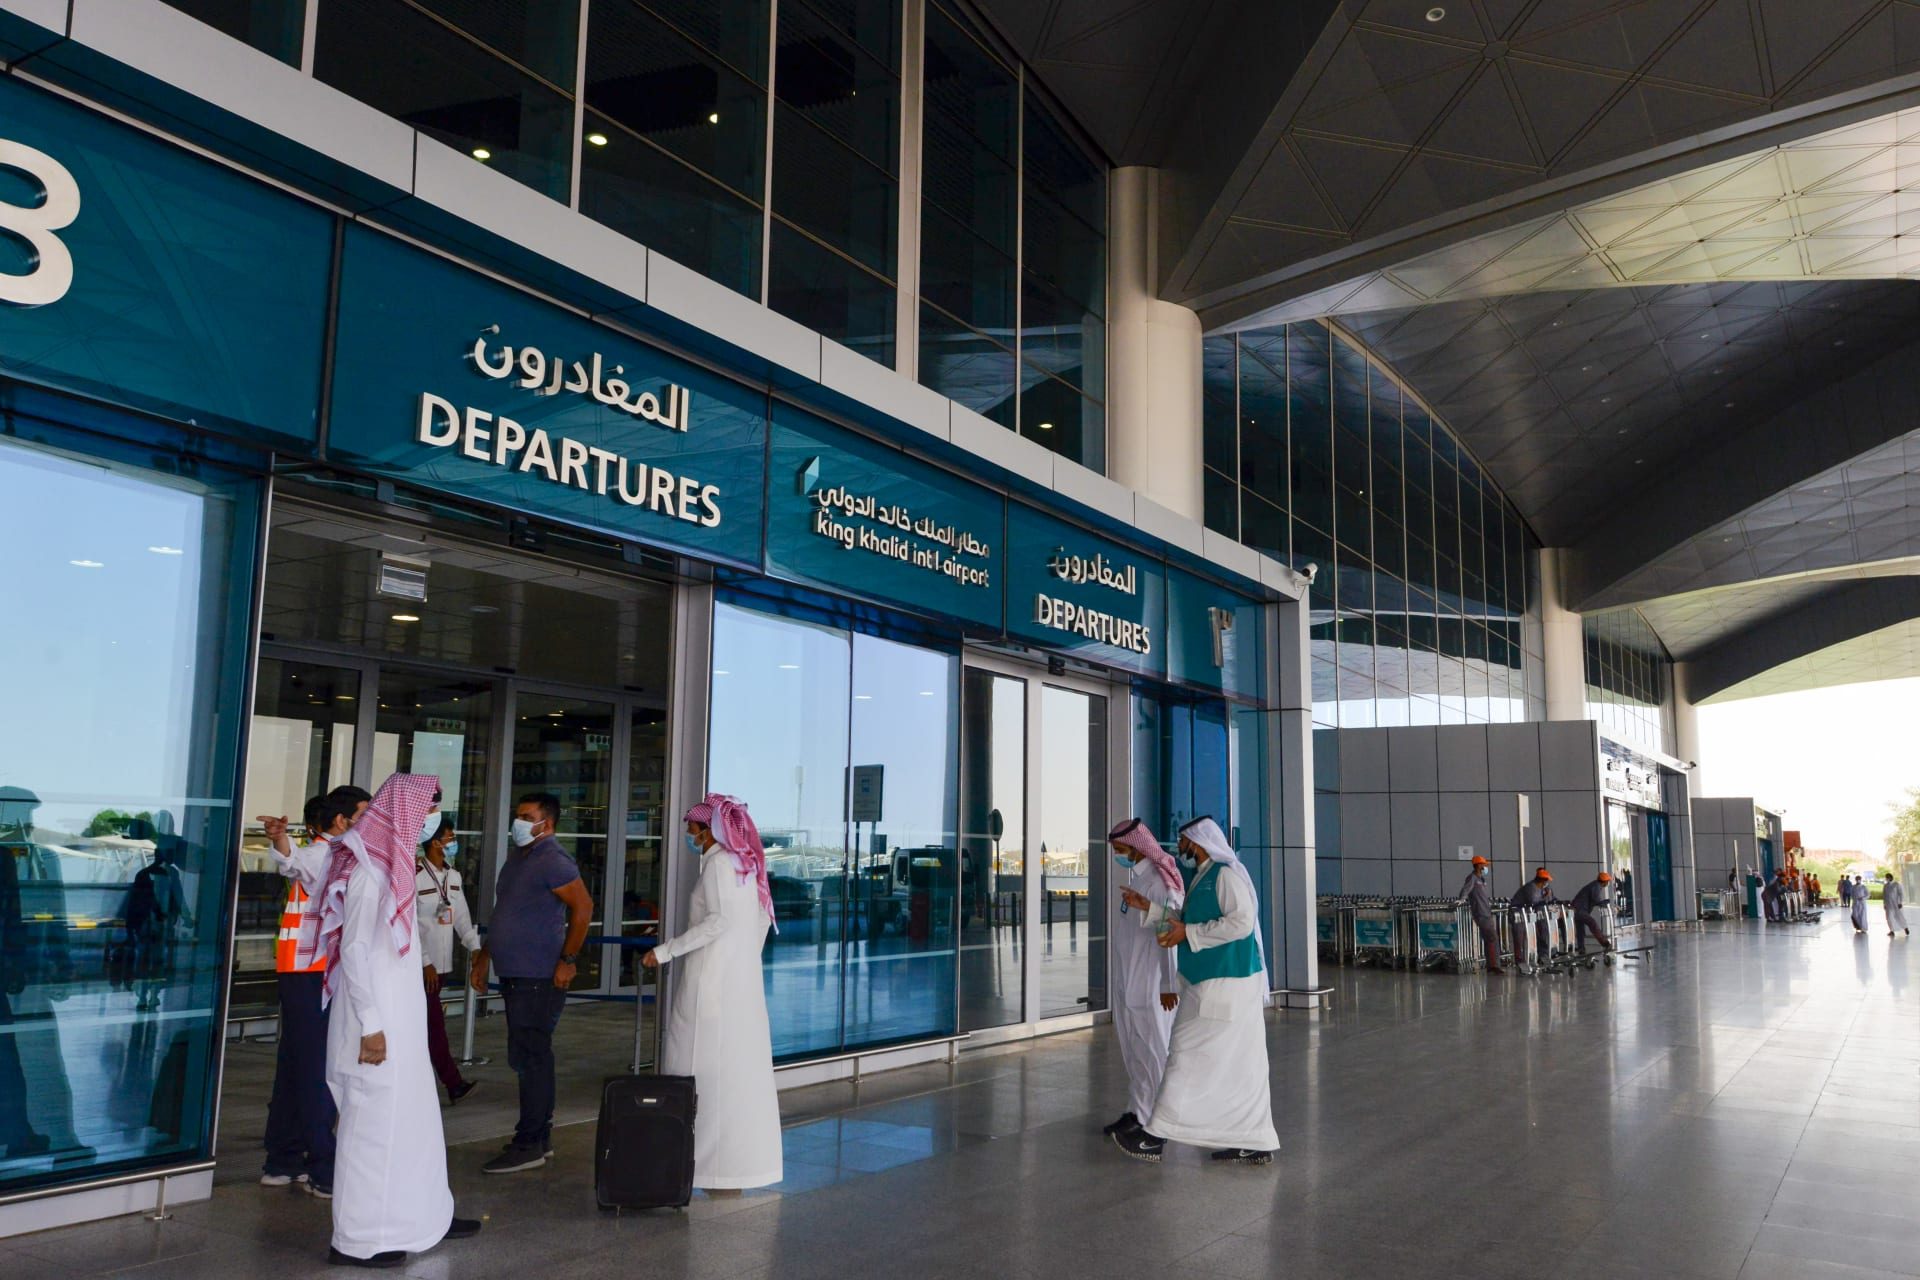 السعودية تستأنف رحلات الطيران والدخول عبر المنافذ البرية والبحرية